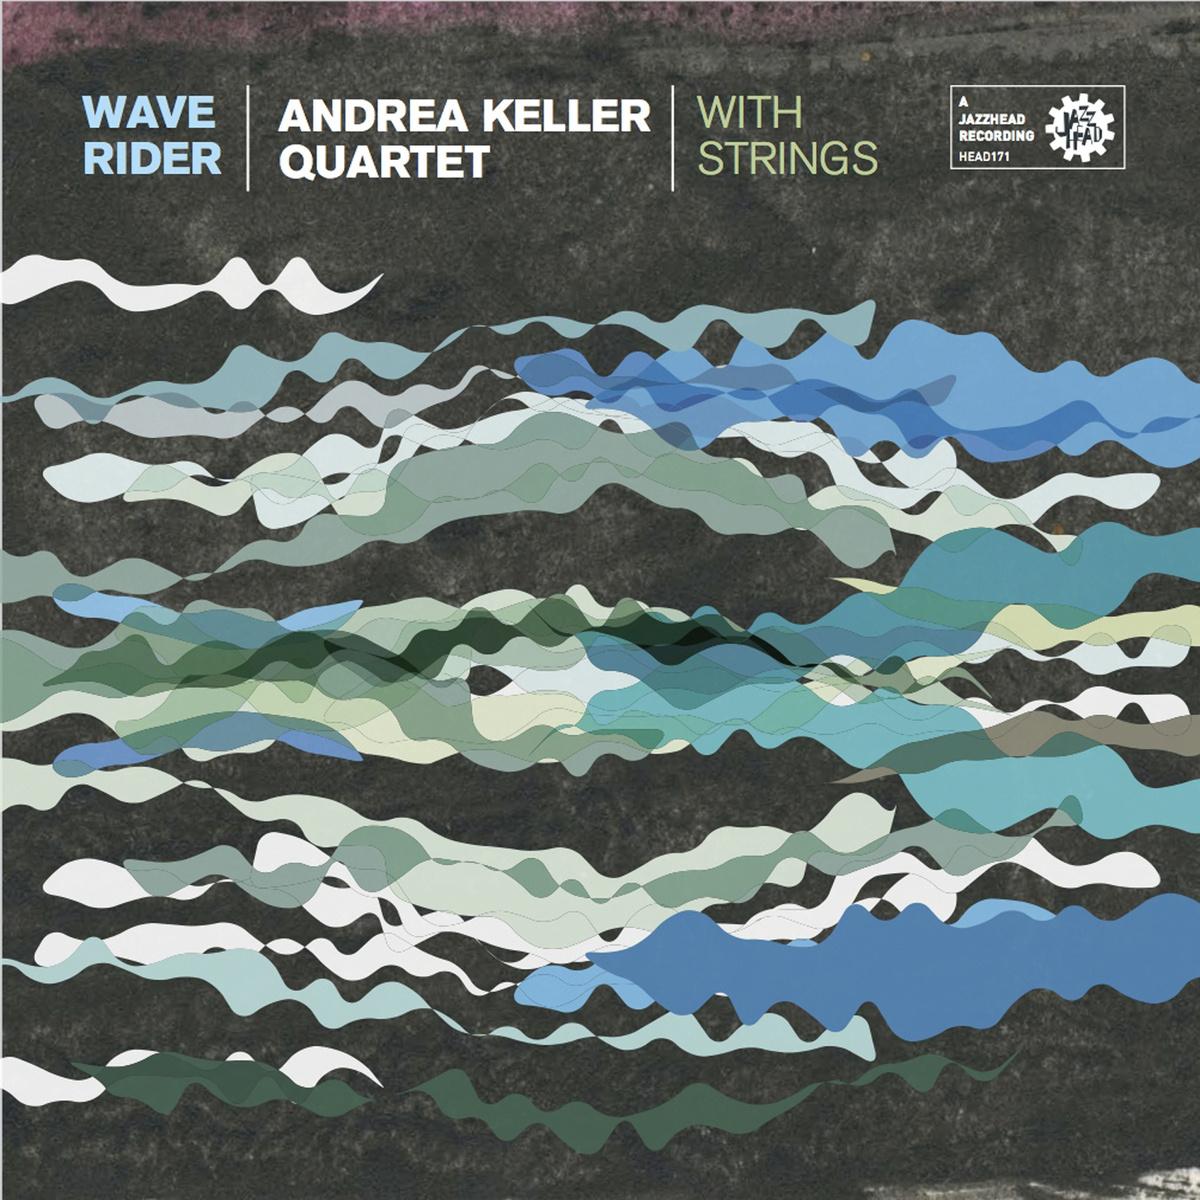 Album review: Wave Rider (Andrea Keller Quartet) by John Hardaker